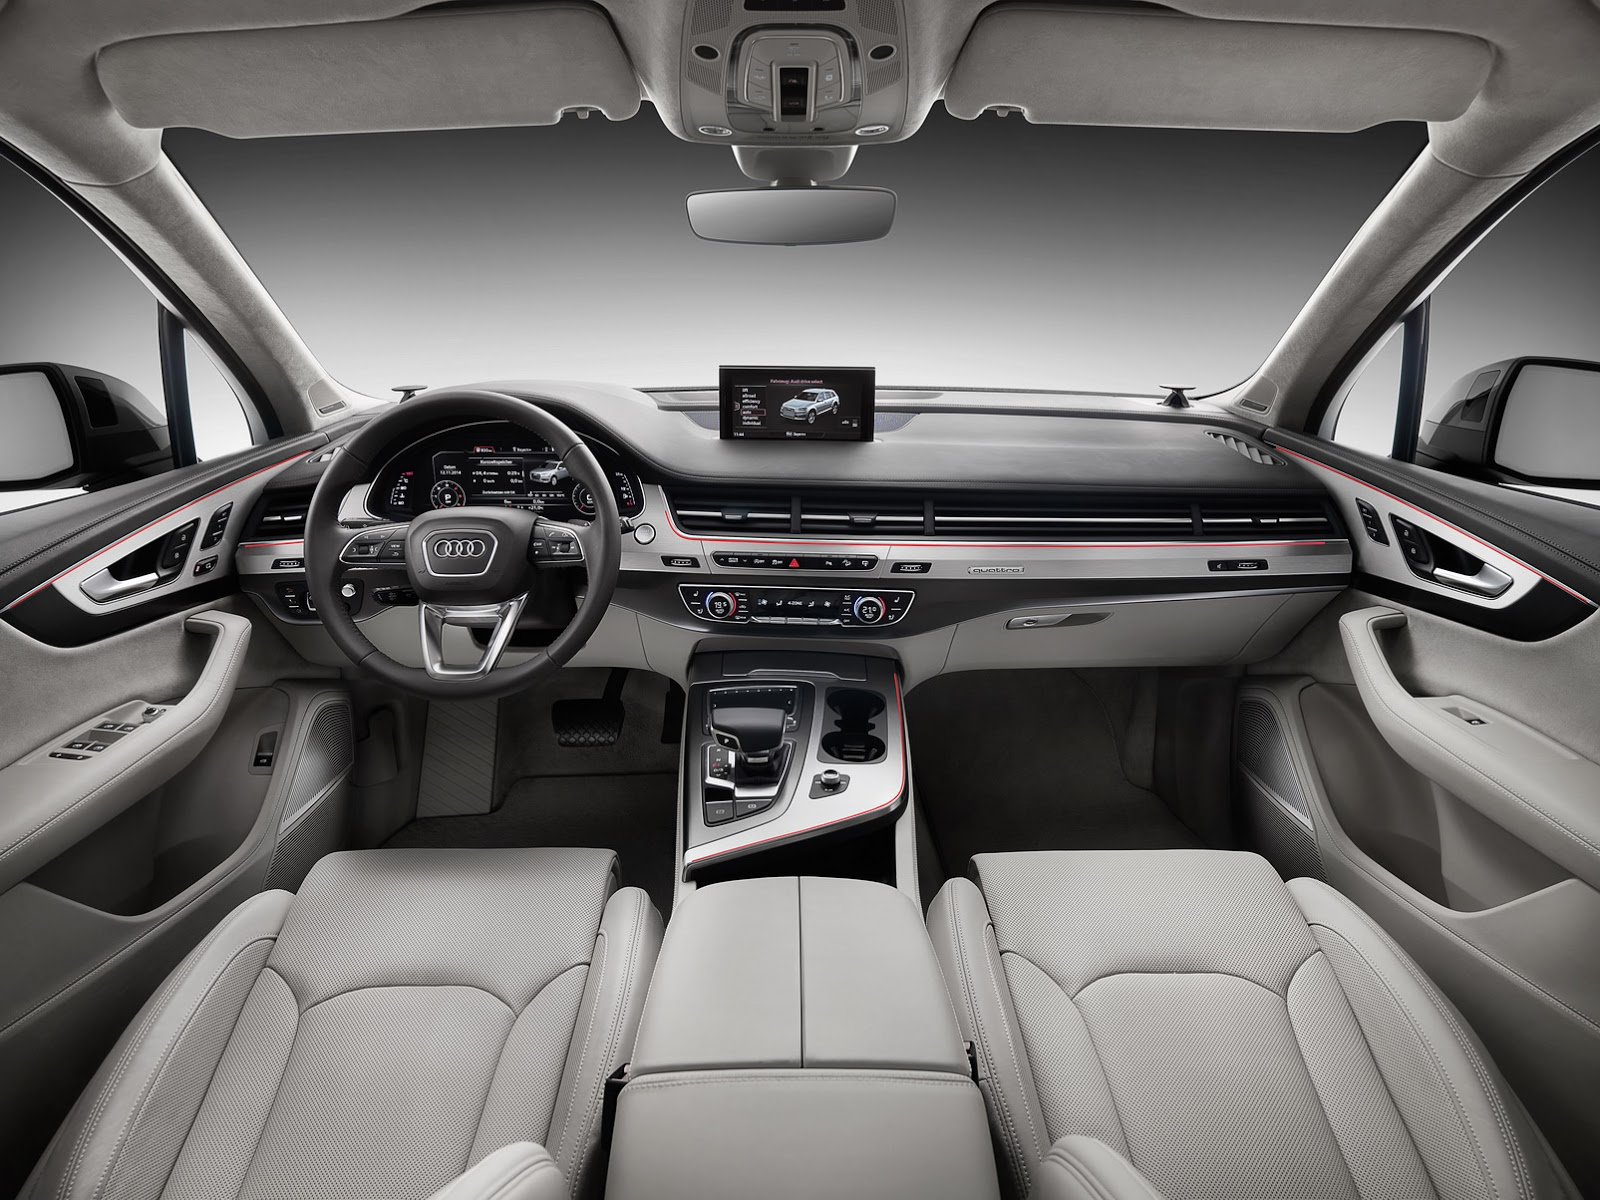 http://3.bp.blogspot.com/--xmjCWawSYI/VIsE85ni0TI/AAAAAAAAfTw/SlvQsB05J0E/s1600/Audi-Q7-New-2016-9.jpg